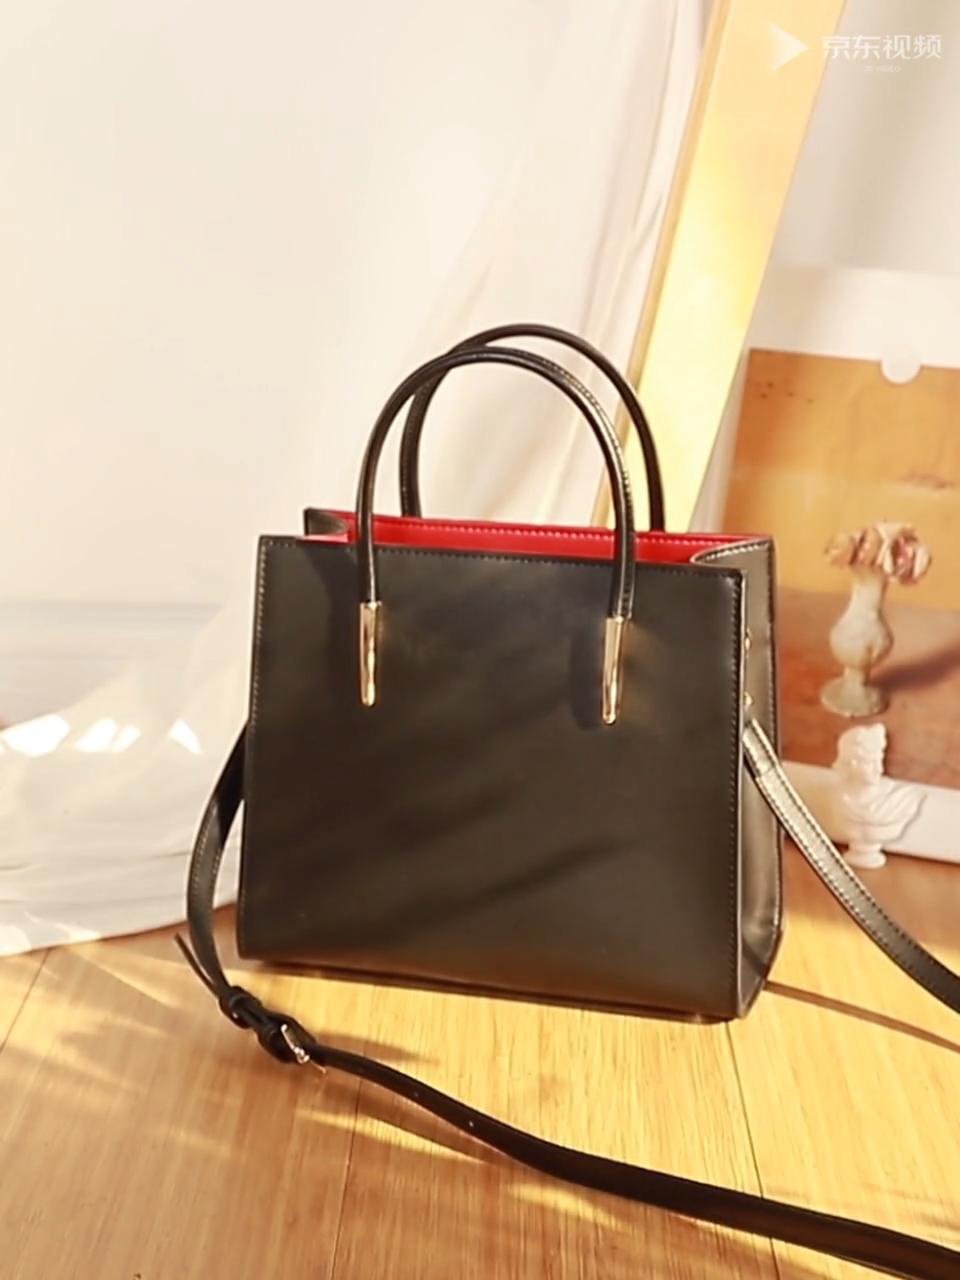 Ünlü markalar özel çanta kadın çanta hakiki deri el çantası bayan için